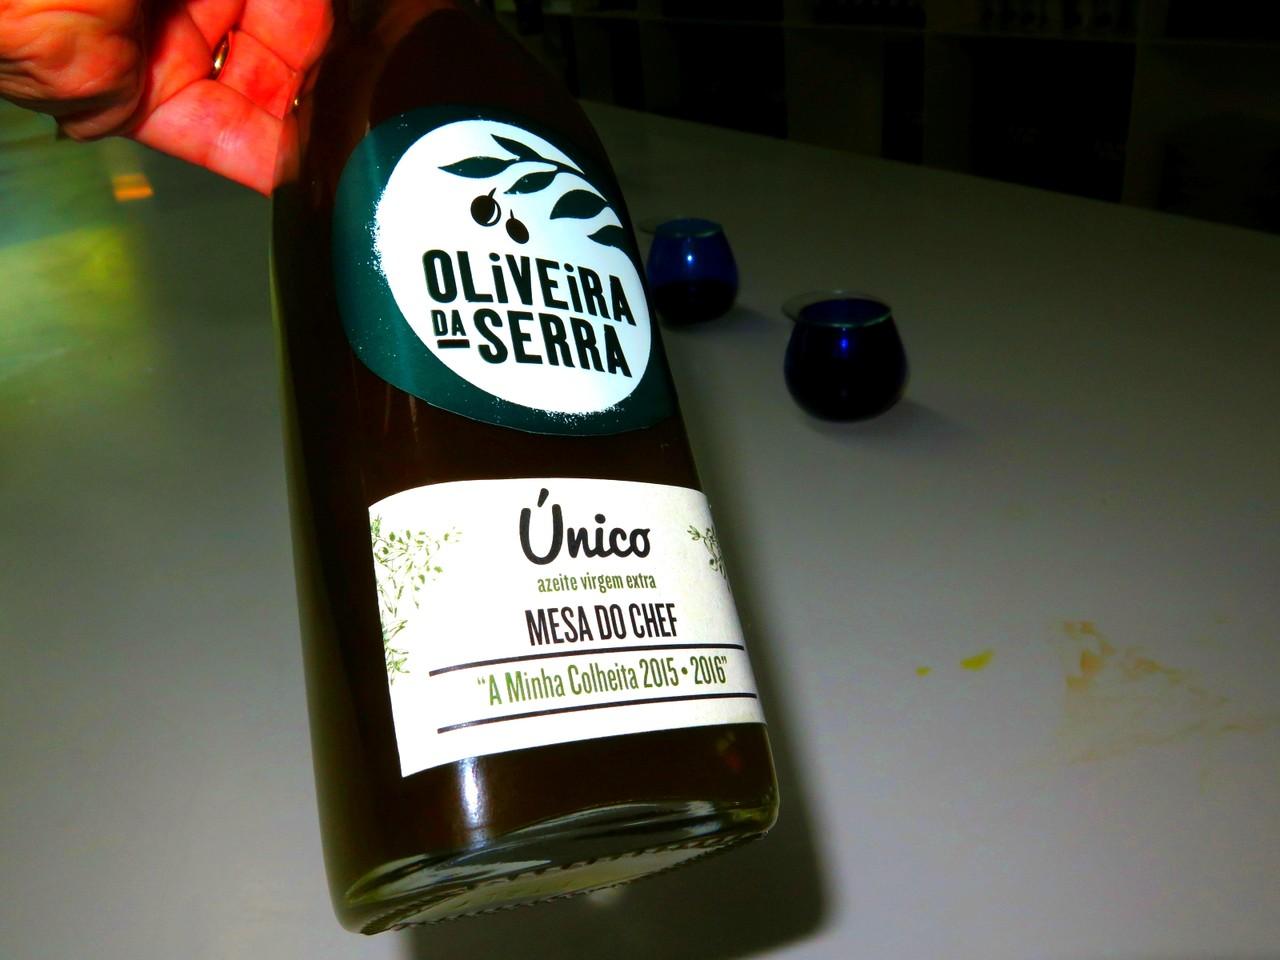 Mesa do Chef Oliveira da Serra Azeite Virgem Extra 2015/2016 (garrafa única)